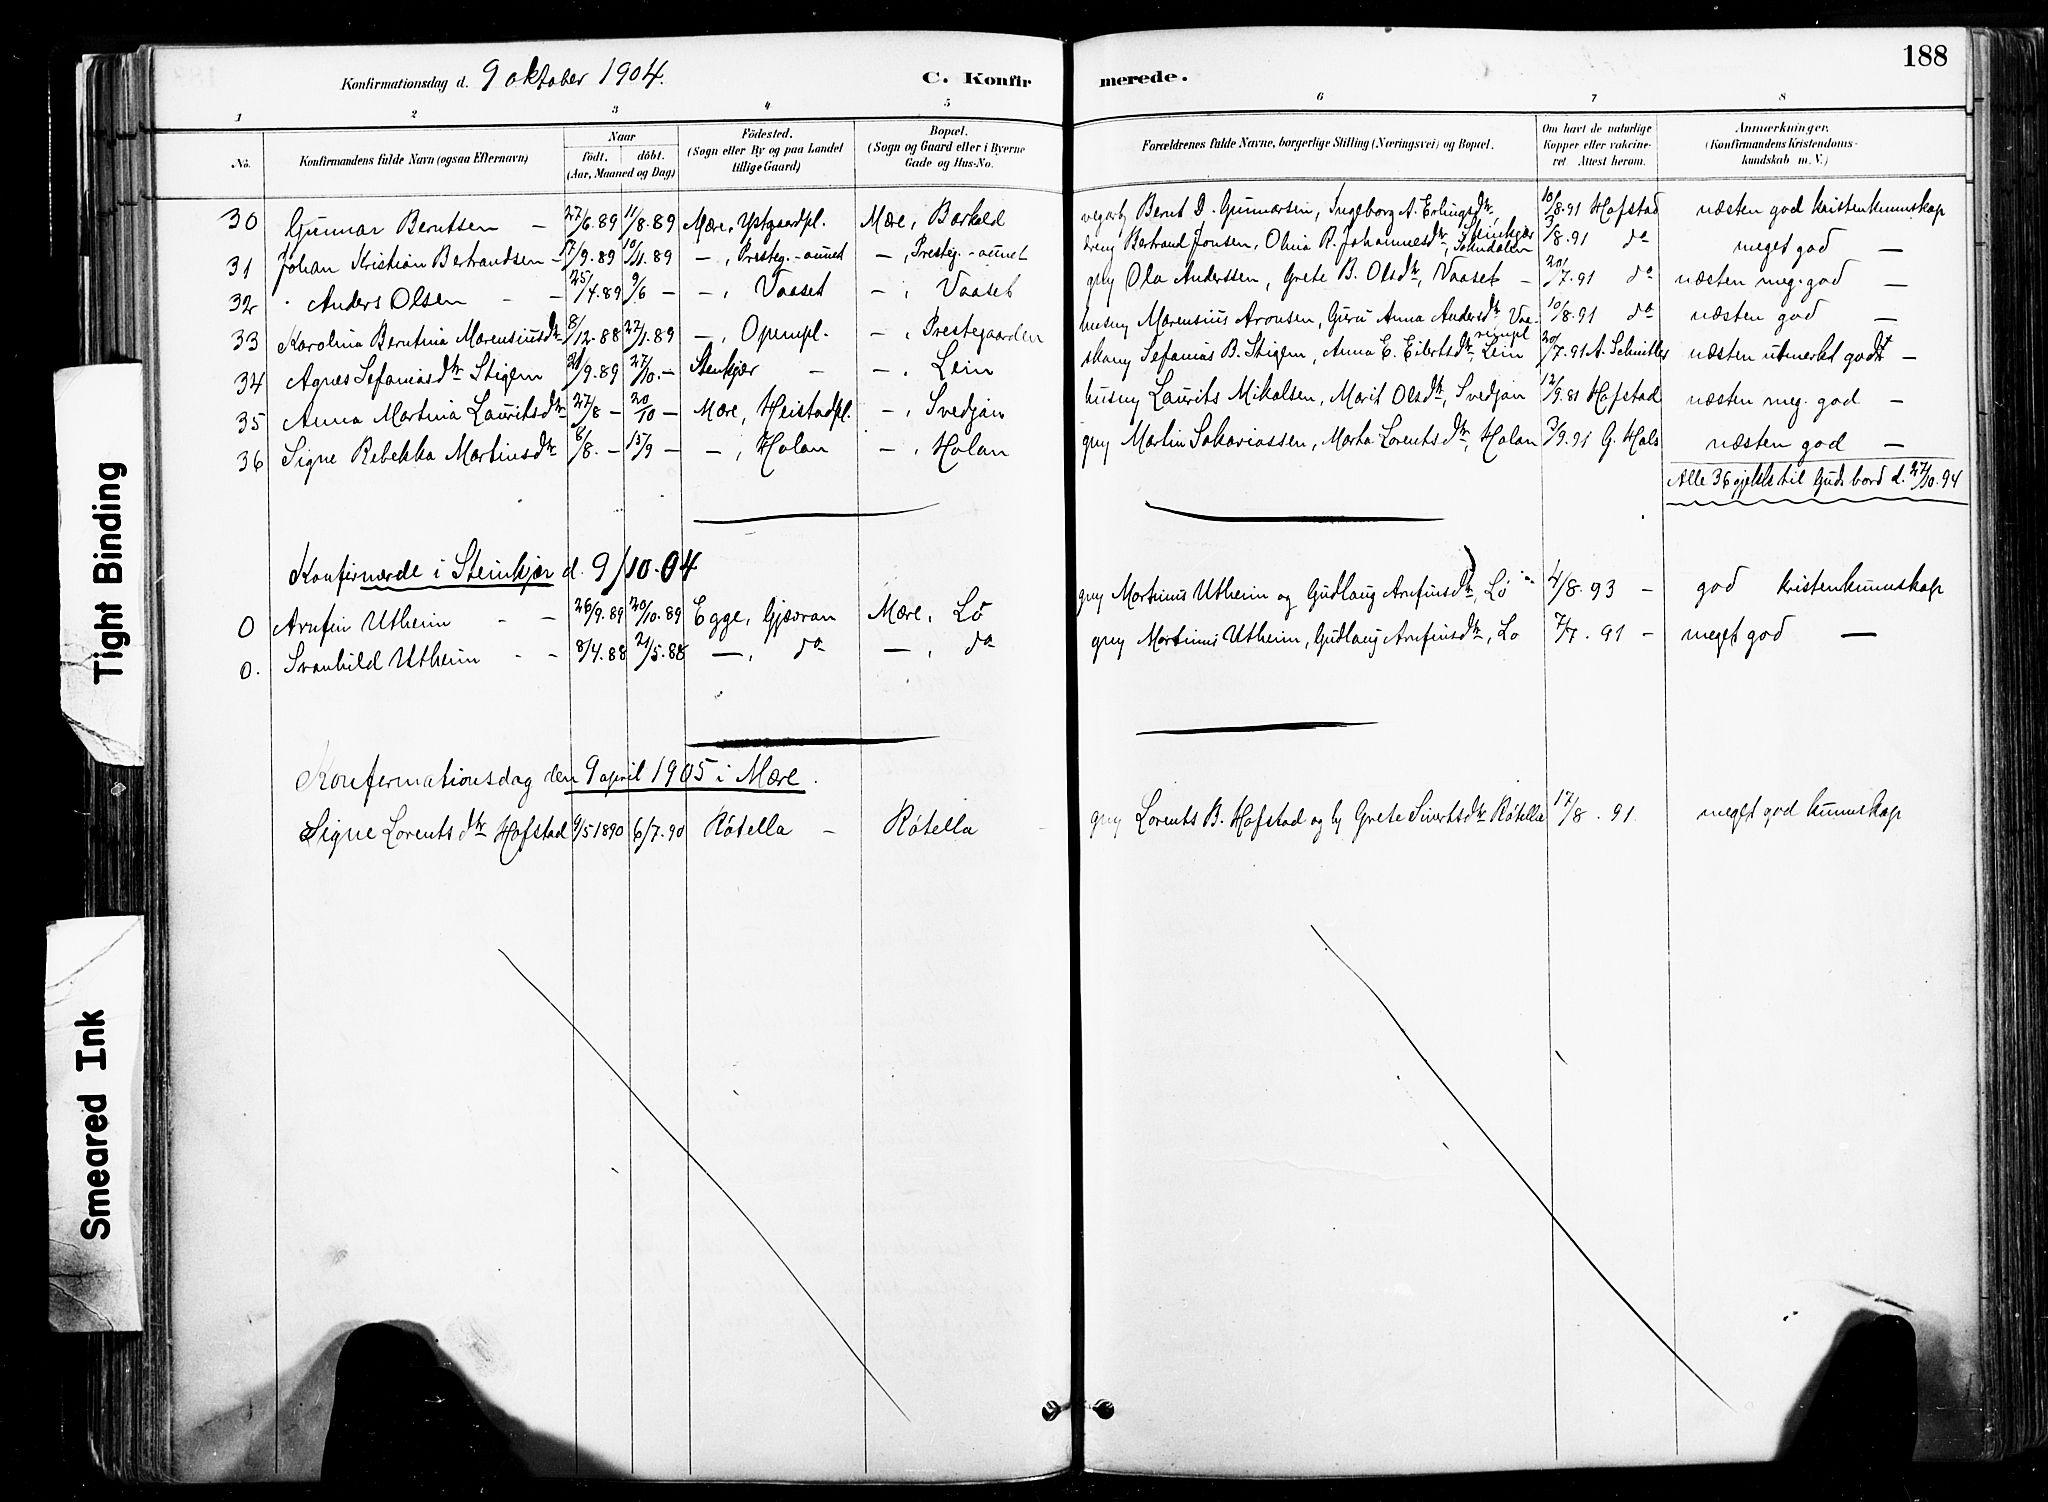 SAT, Ministerialprotokoller, klokkerbøker og fødselsregistre - Nord-Trøndelag, 735/L0351: Ministerialbok nr. 735A10, 1884-1908, s. 188